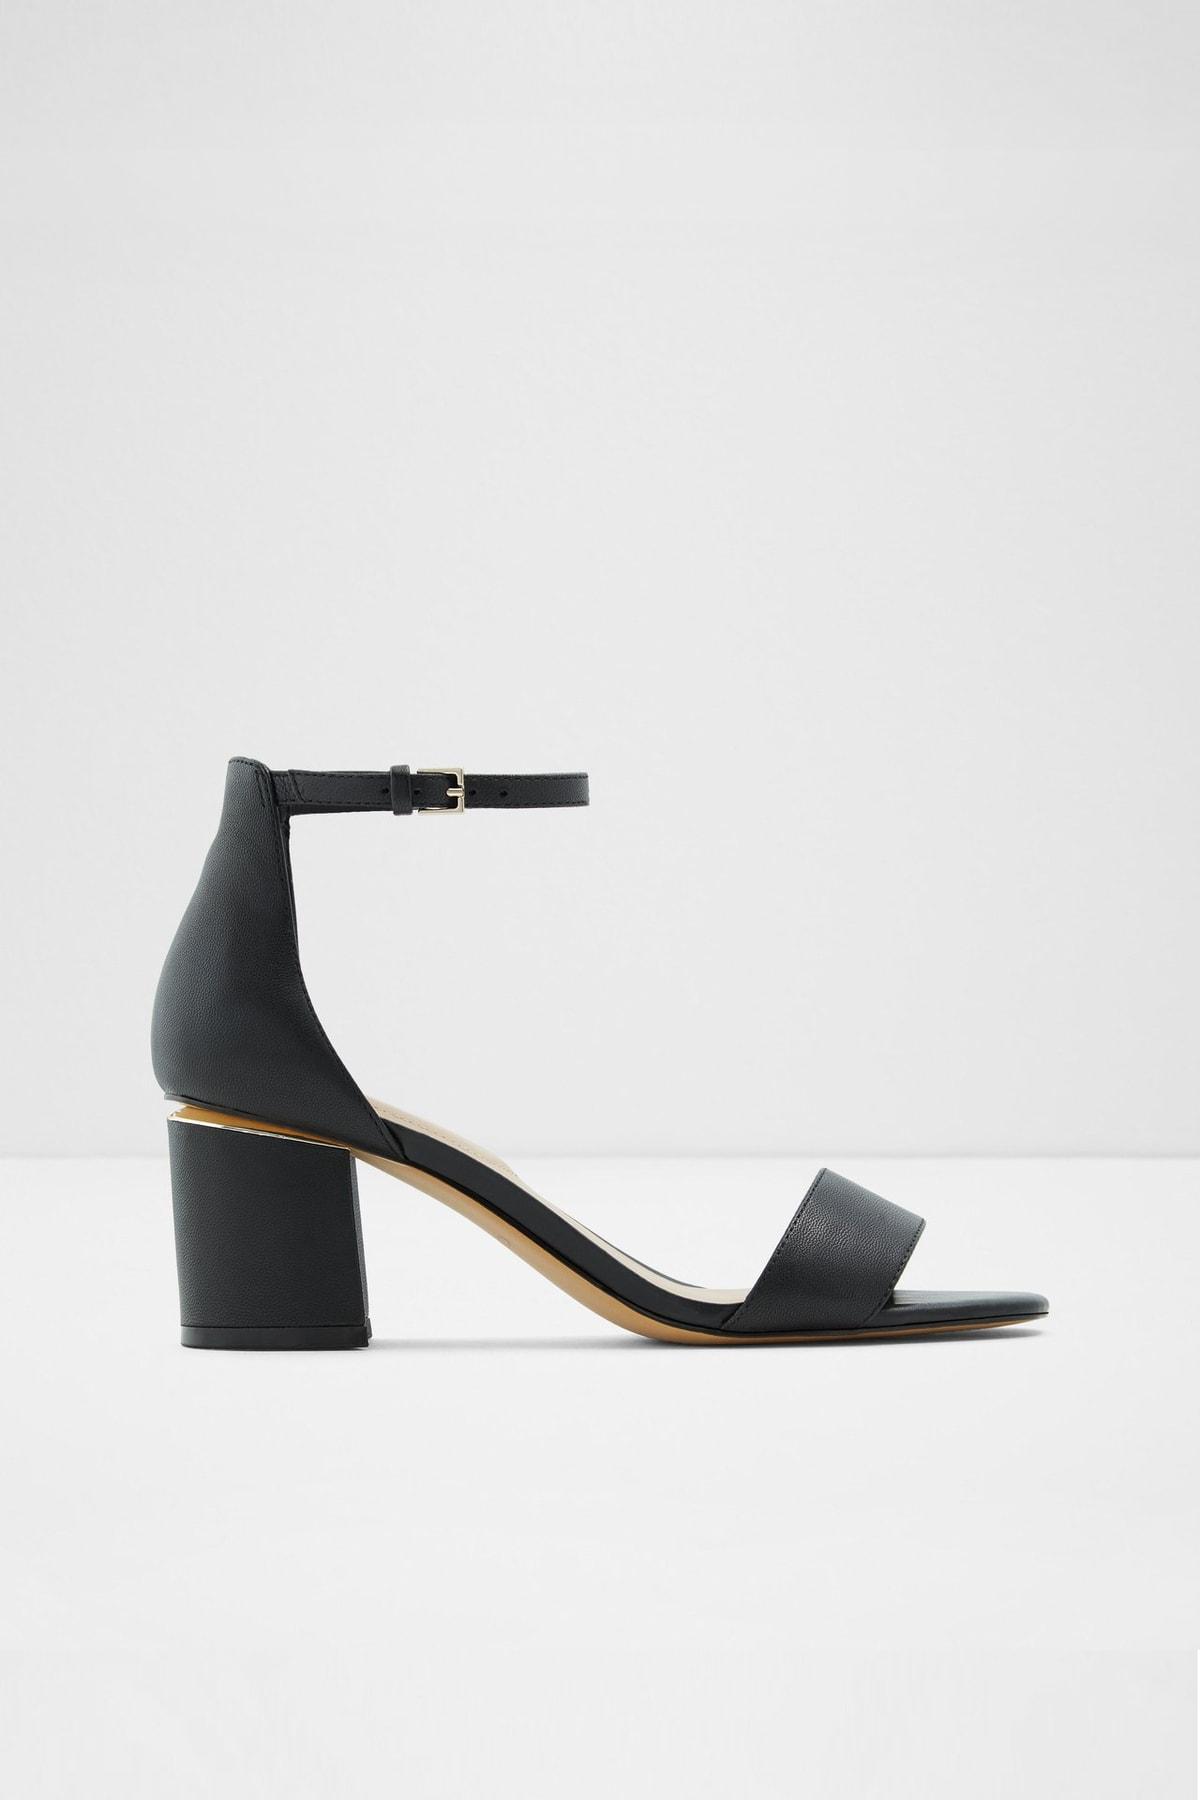 Aldo Kadın Siyah Orta Topuklu Ayakkabı 1